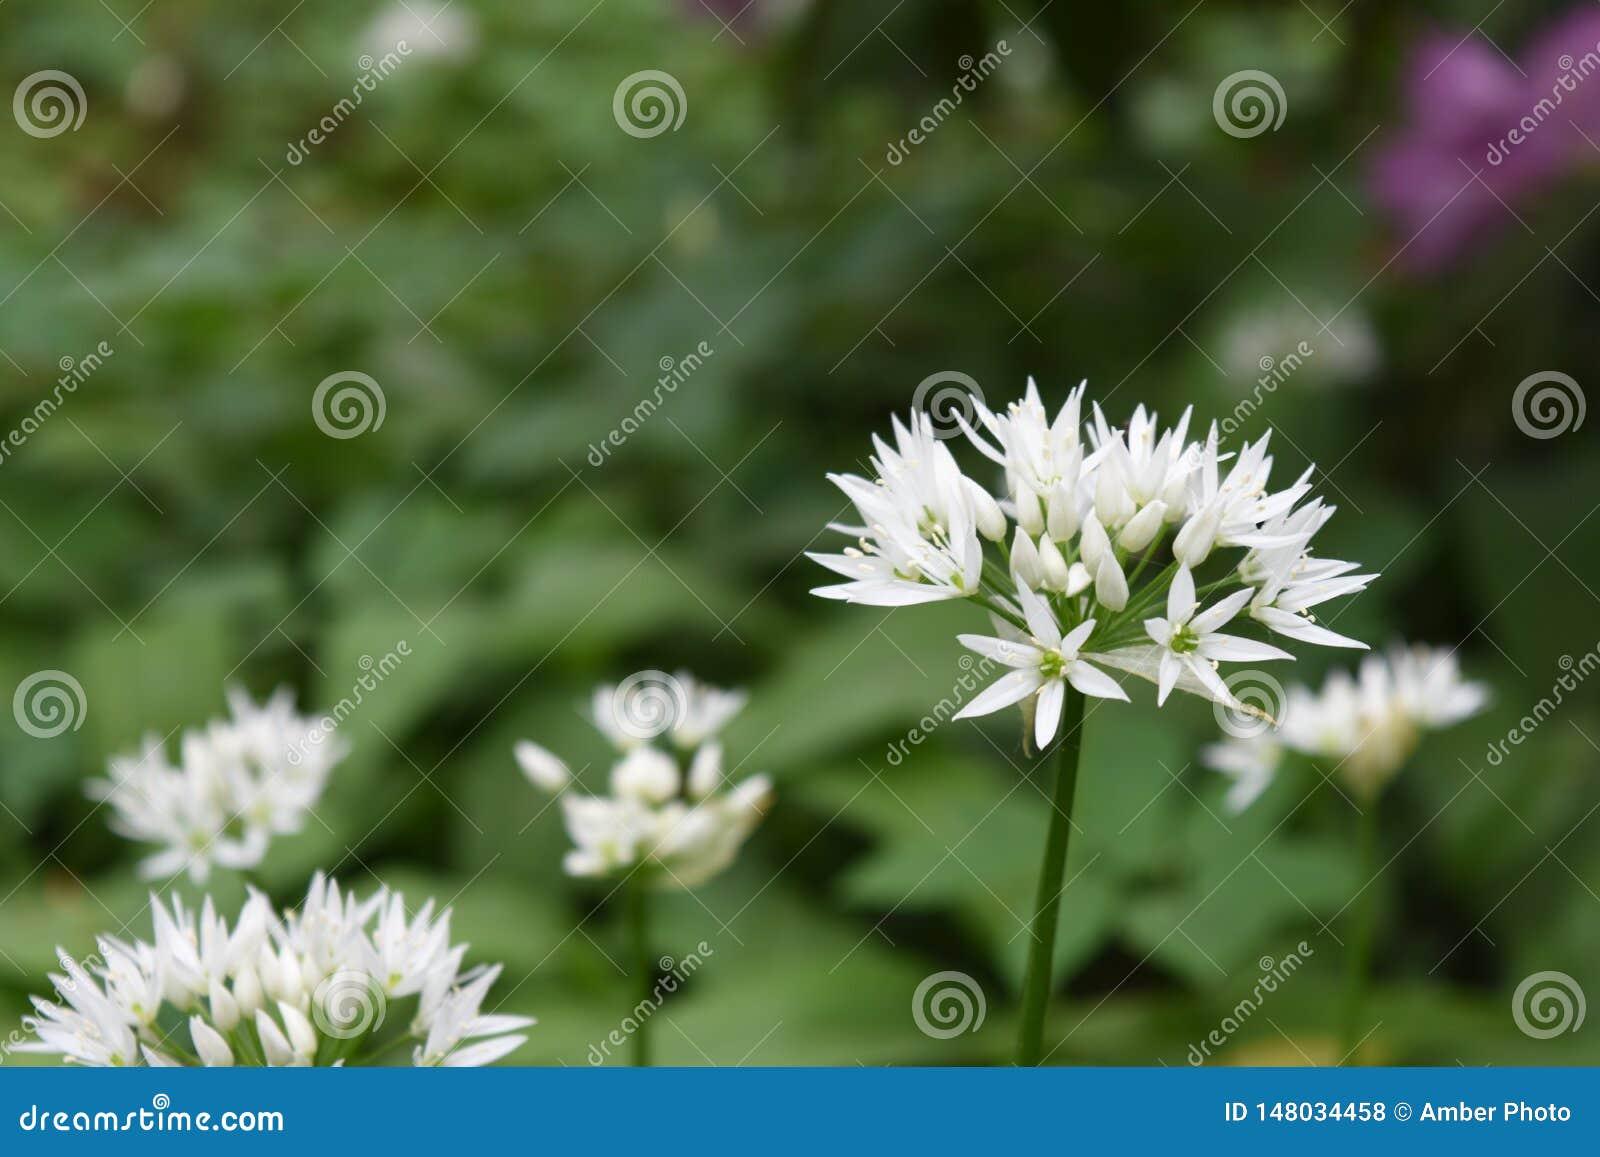 在自然绿色背景的白色野生蒜花开花